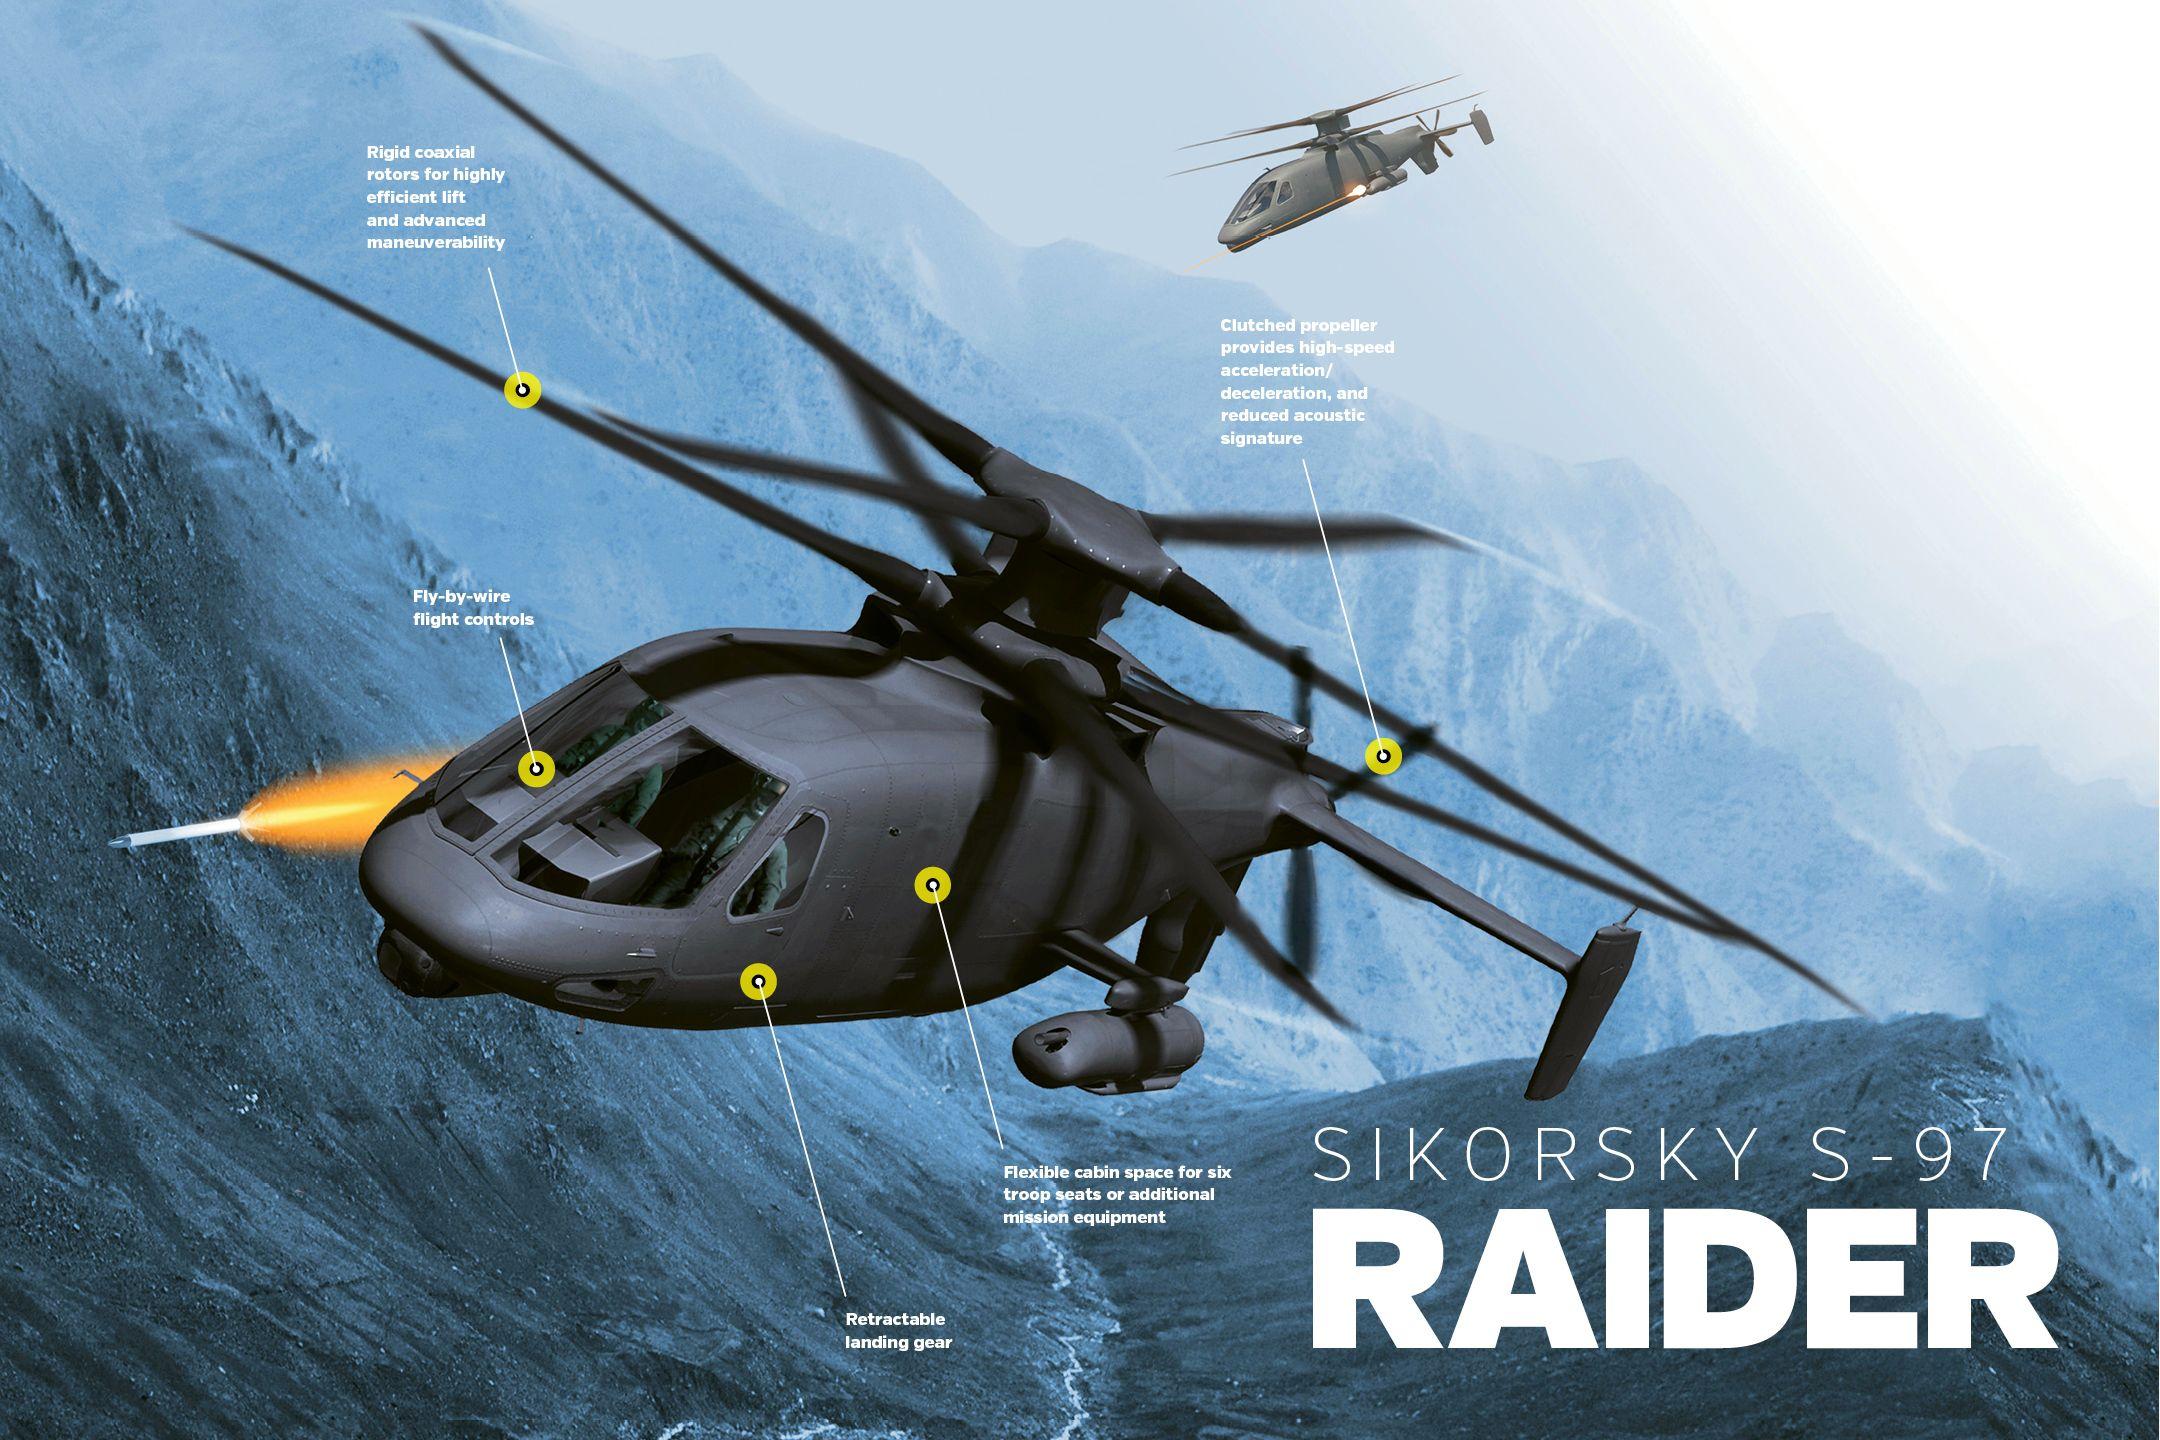 Resultado de imagen para S-97 Raider